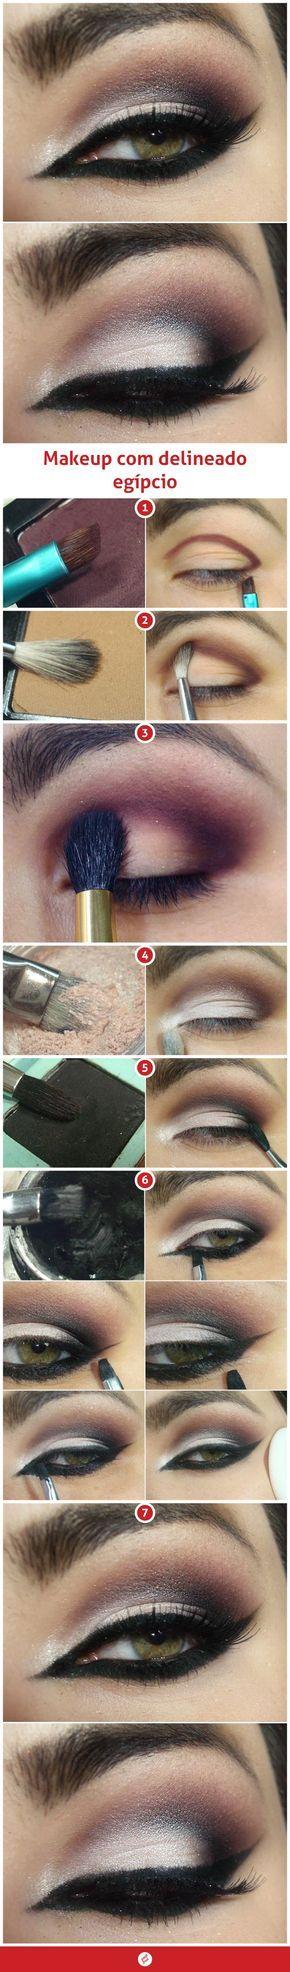 Makeup com delineado eg